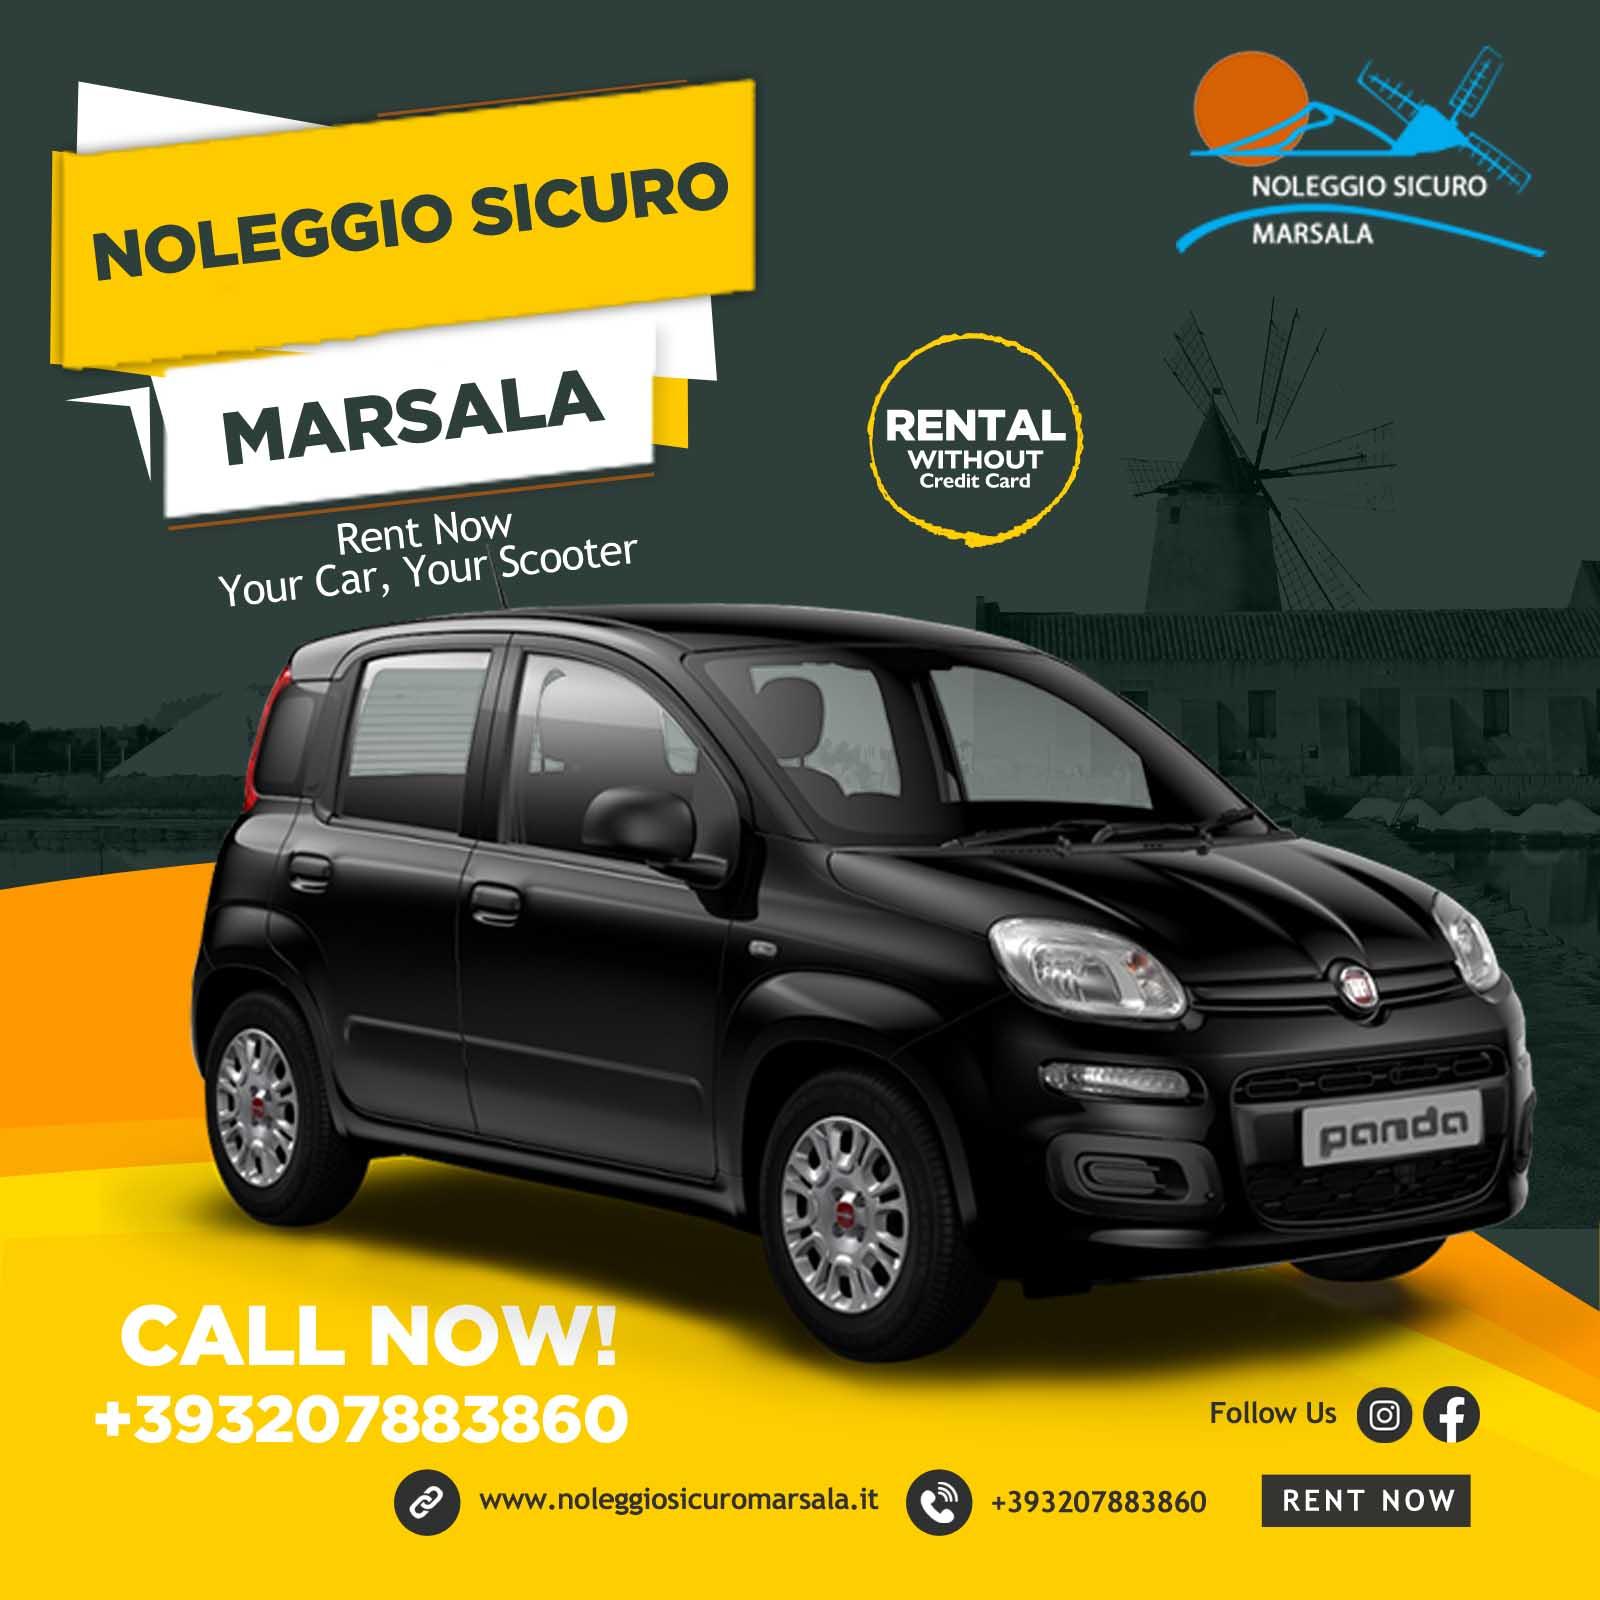 Noleggio Sicuro Marsala Rent Car Marsala Kite club Marsala EN